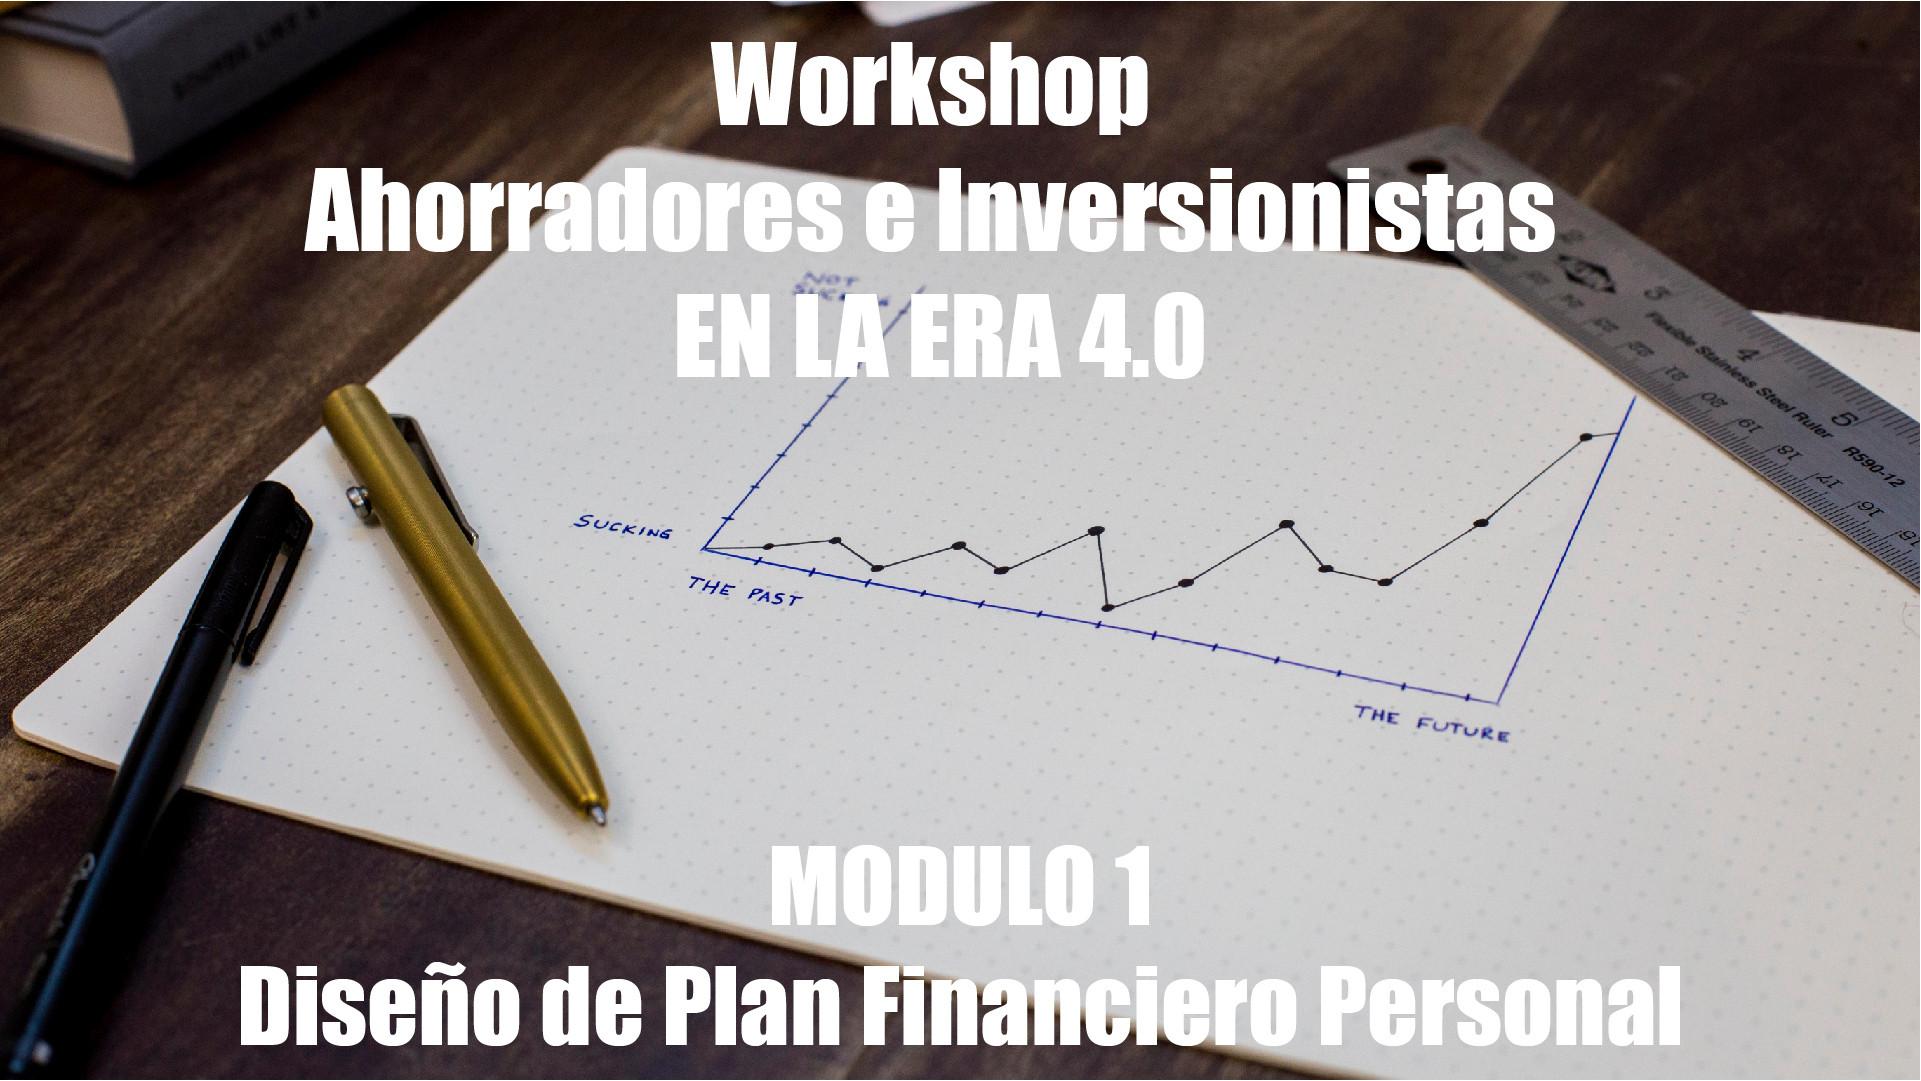 Workshop Ahorradores Inversionistas M1